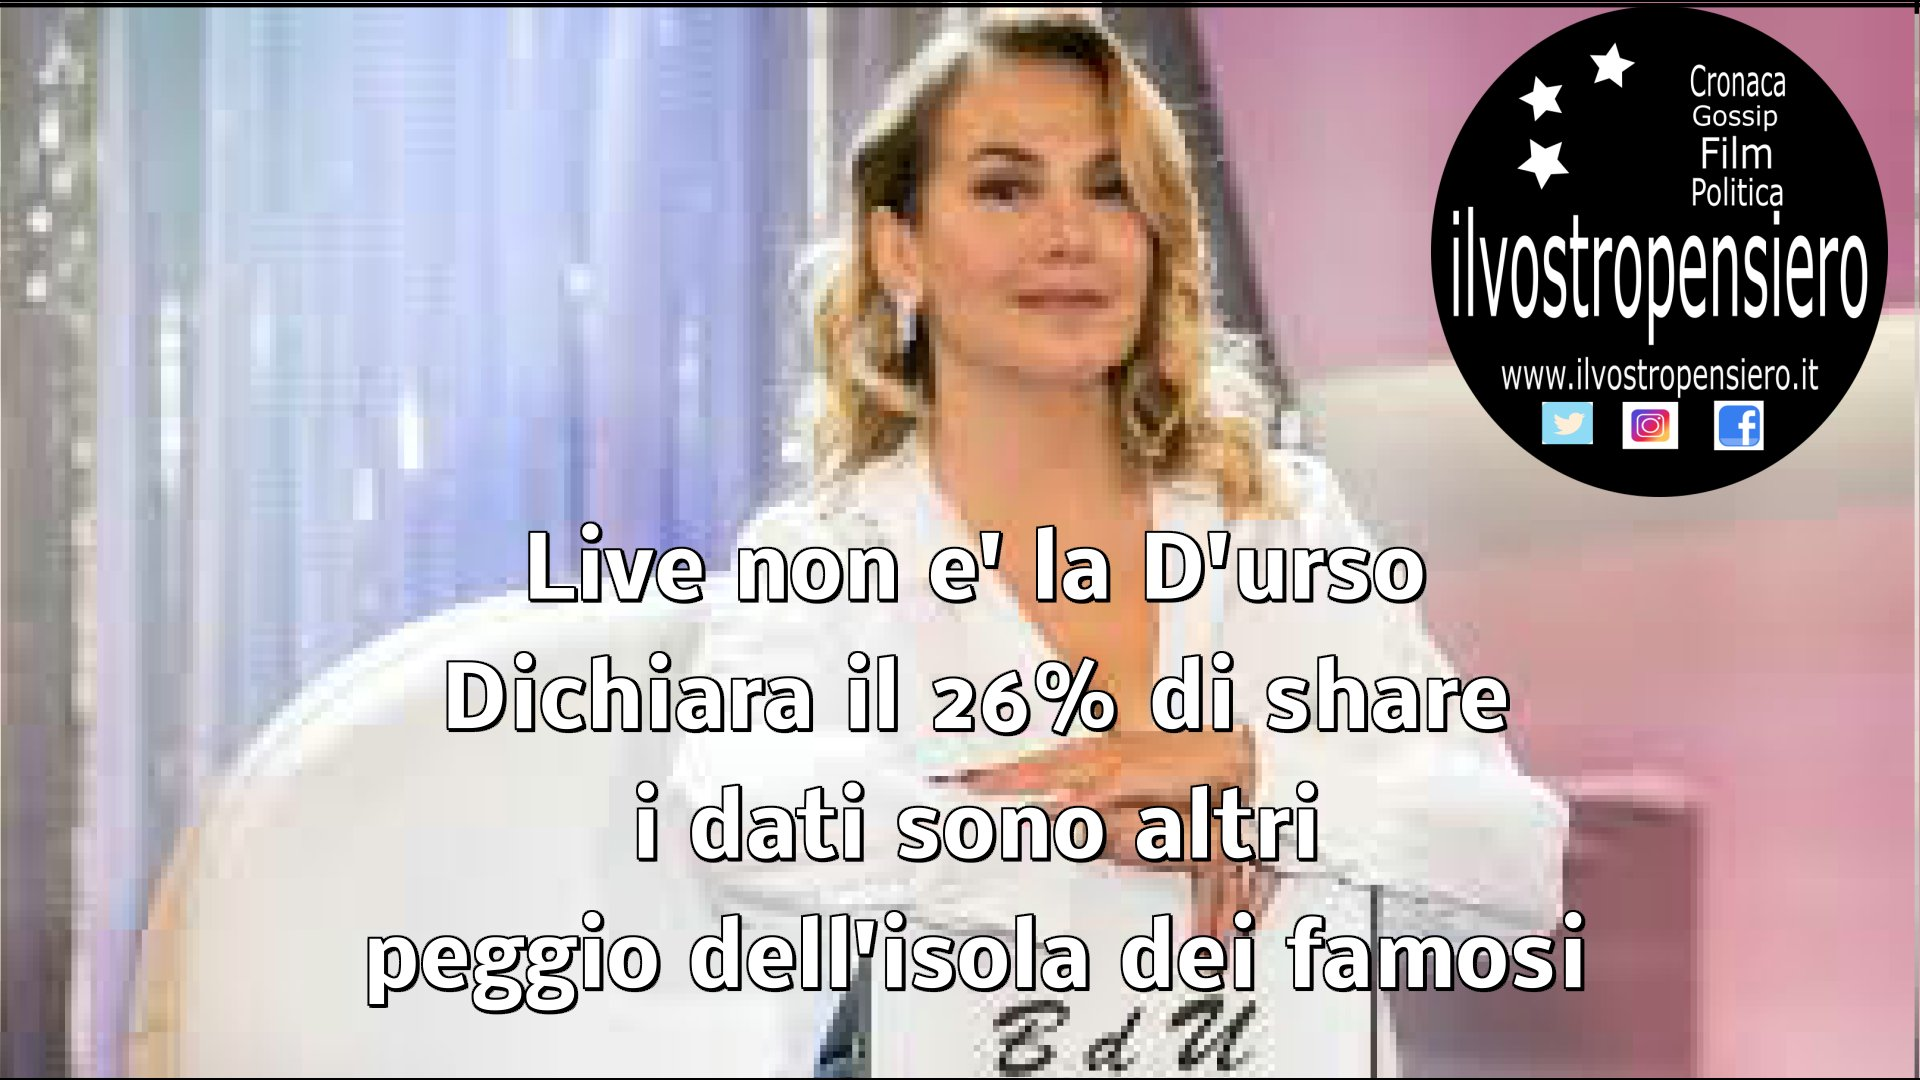 Barbara d'Urso con Live non e' la D'Urso dichiara il 26% di share,i dati sono peggio dell'isola di famosi